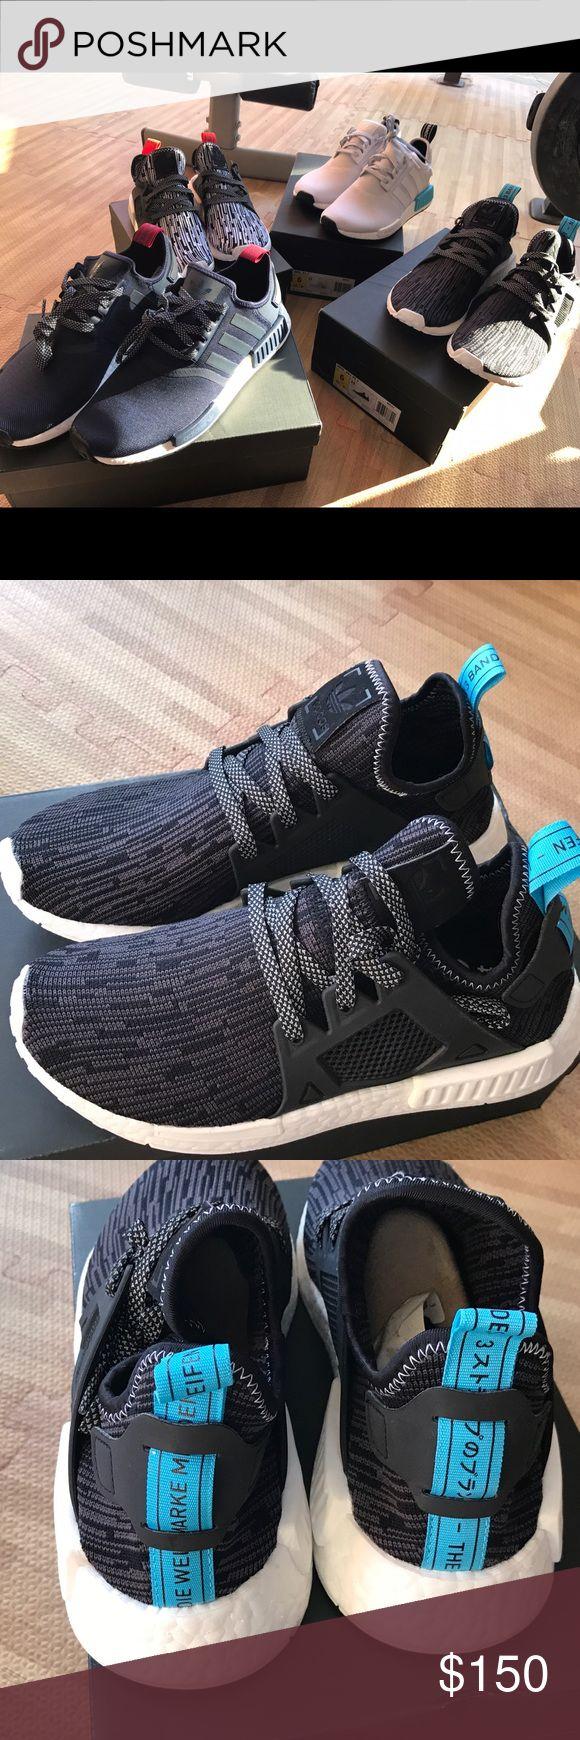 Adidas nmd xr 1 pk black white women size 6 us Adidas nmd xr 1 women size 6  us authentic order from adidas.com 100% cone with original box NIB feel  free ask ...